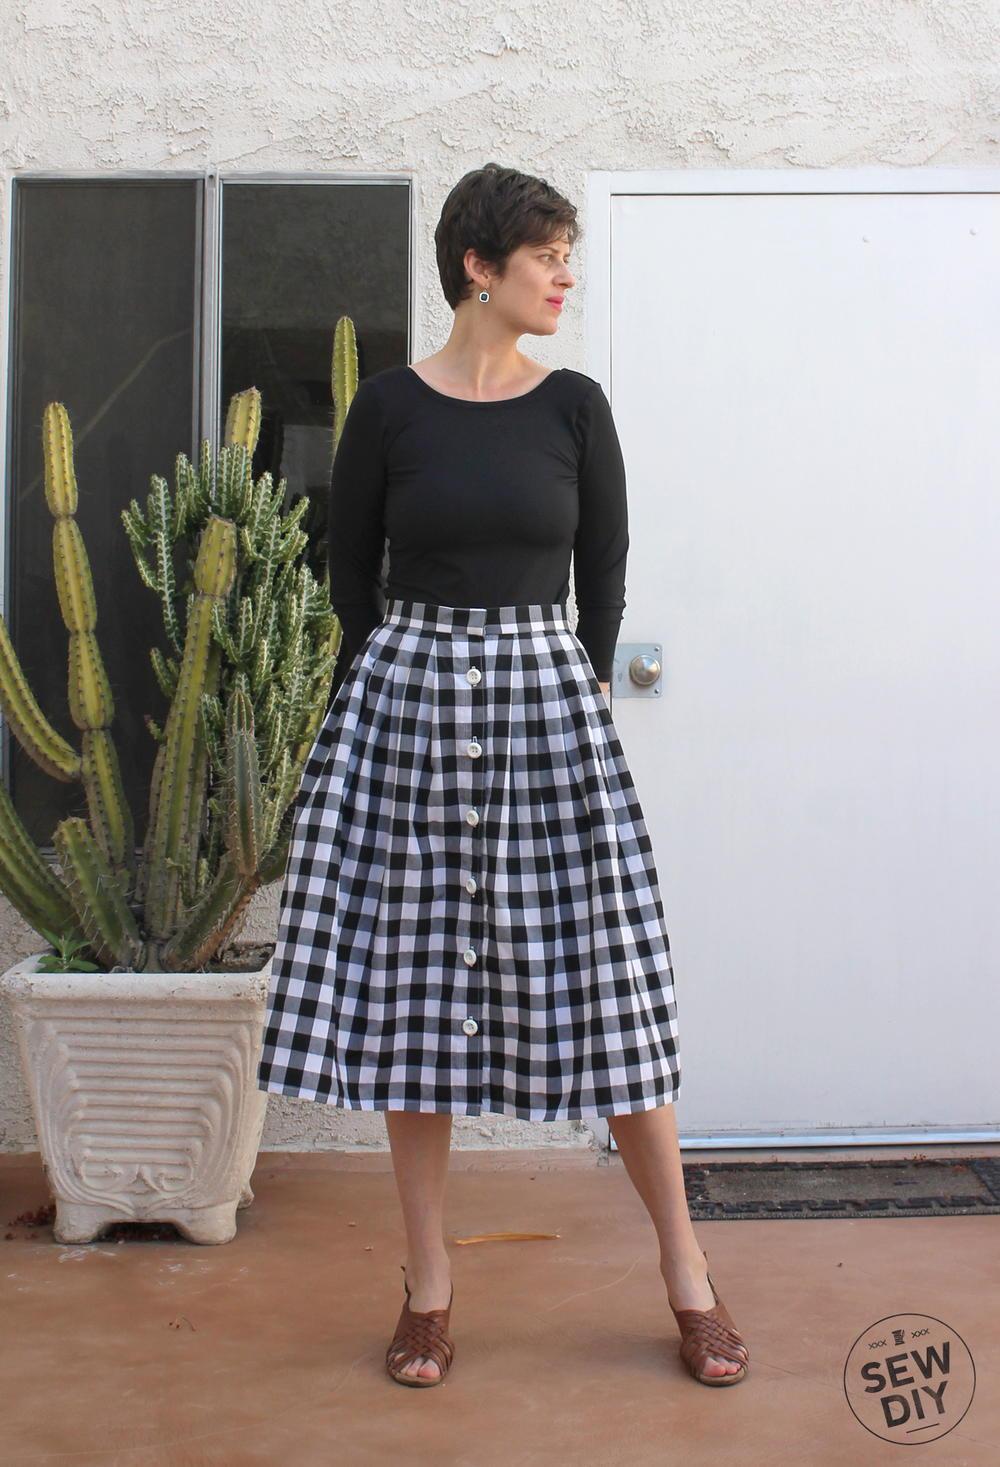 2 Yard Pleated Skirt Tutorial